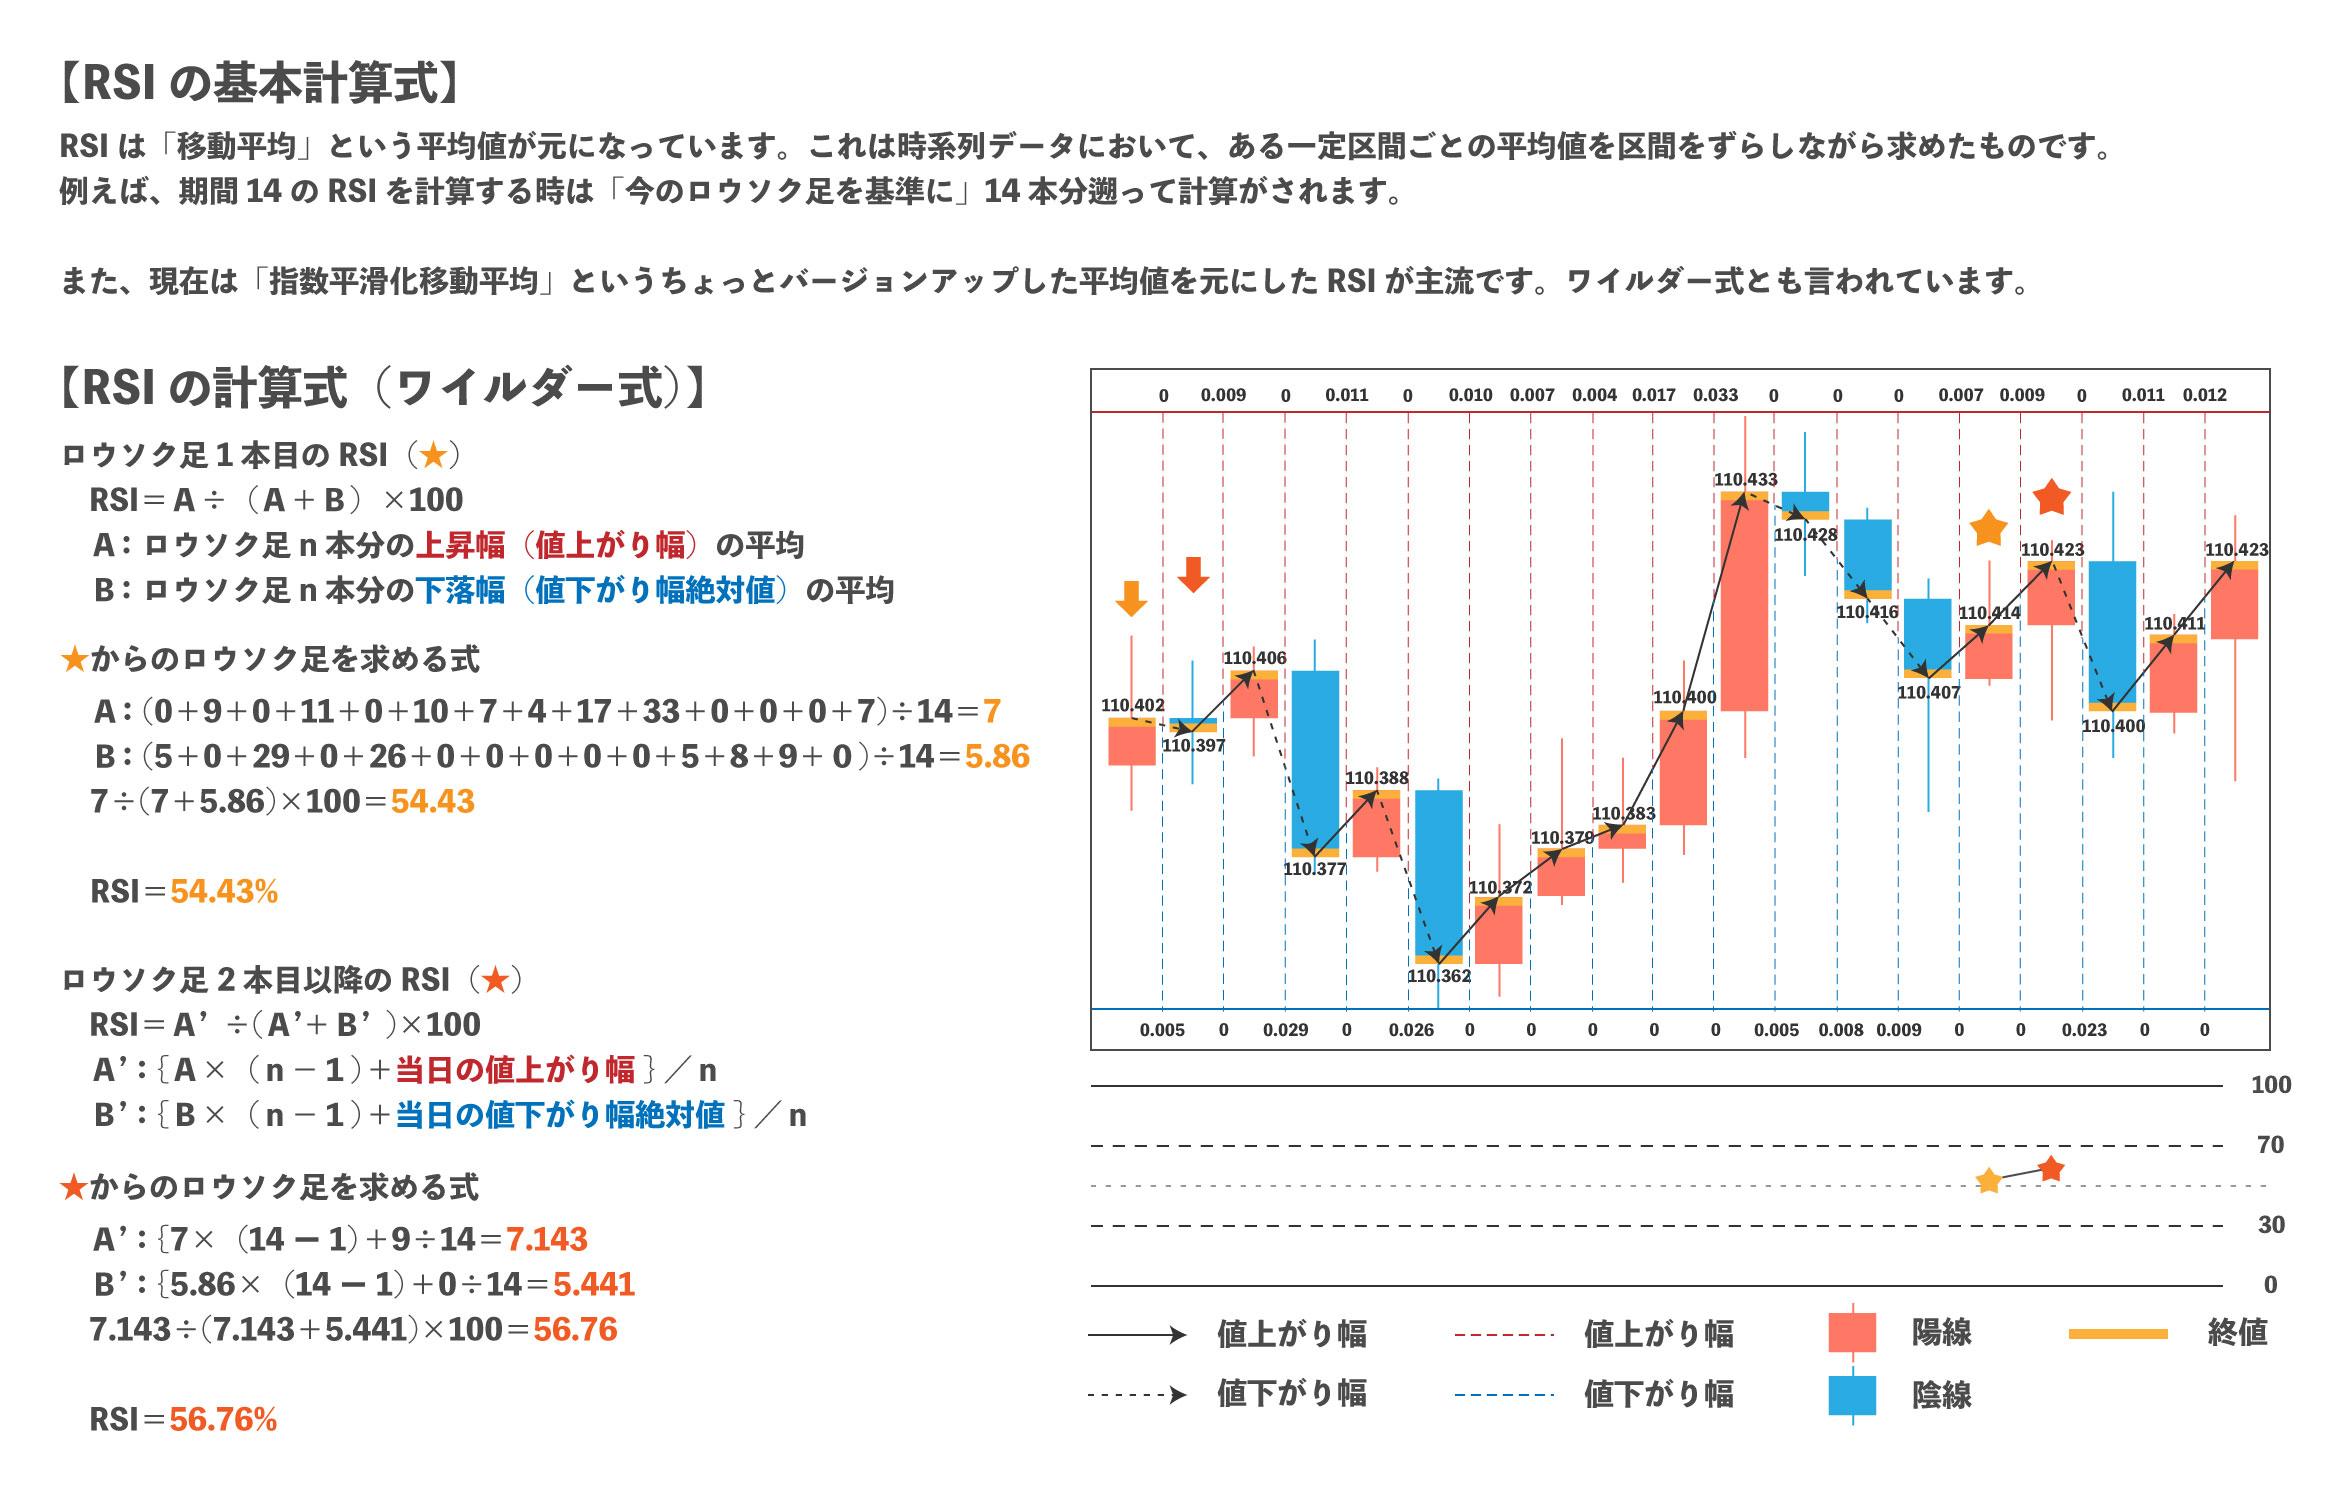 rsiの計算式をチャートと一緒に解説している画像